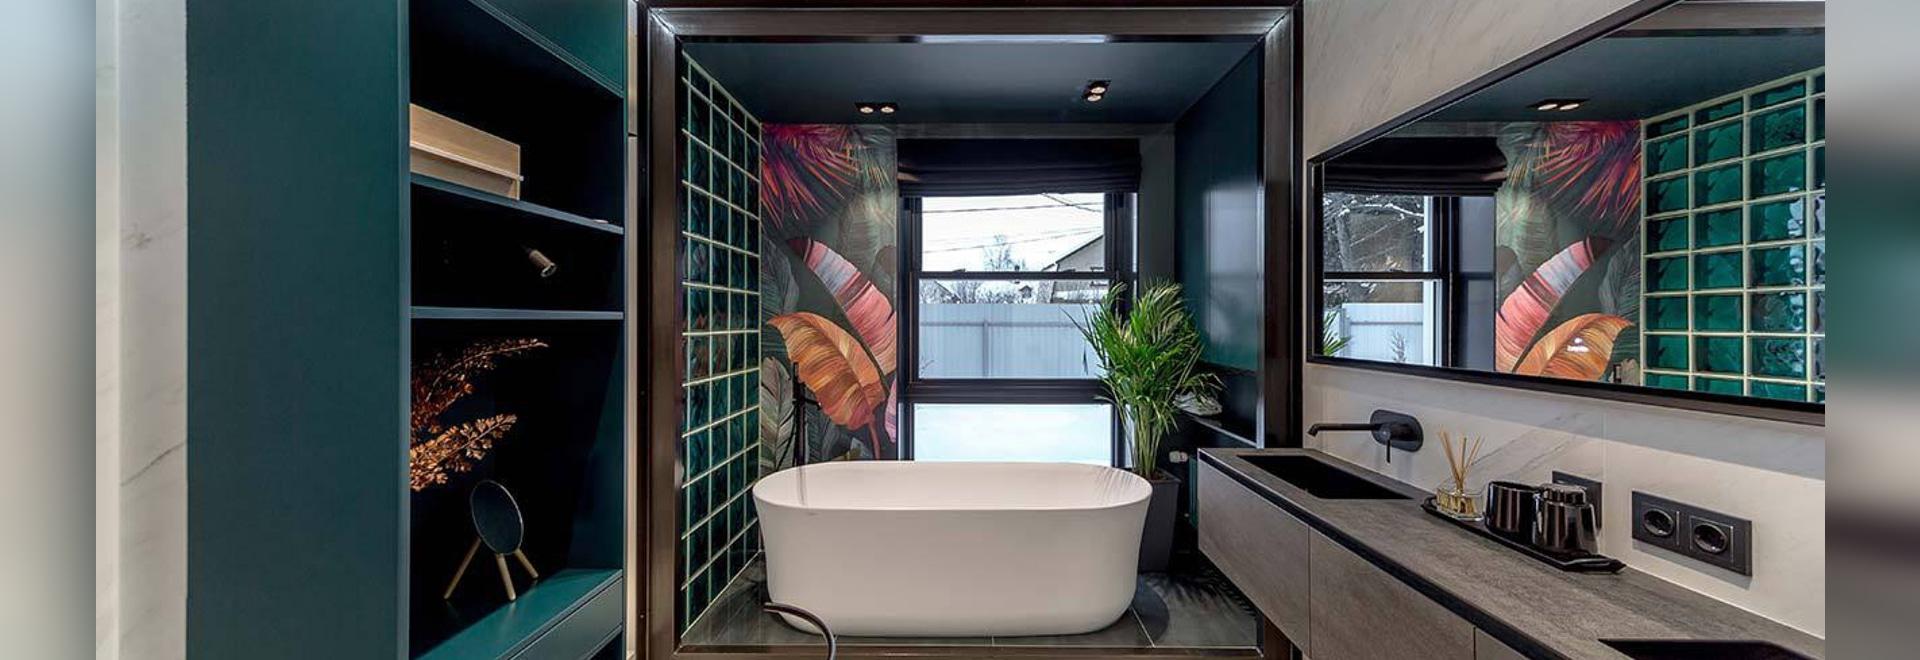 KRION Bath in den Badezimmern des Designers Alexey Aladashvili in ...